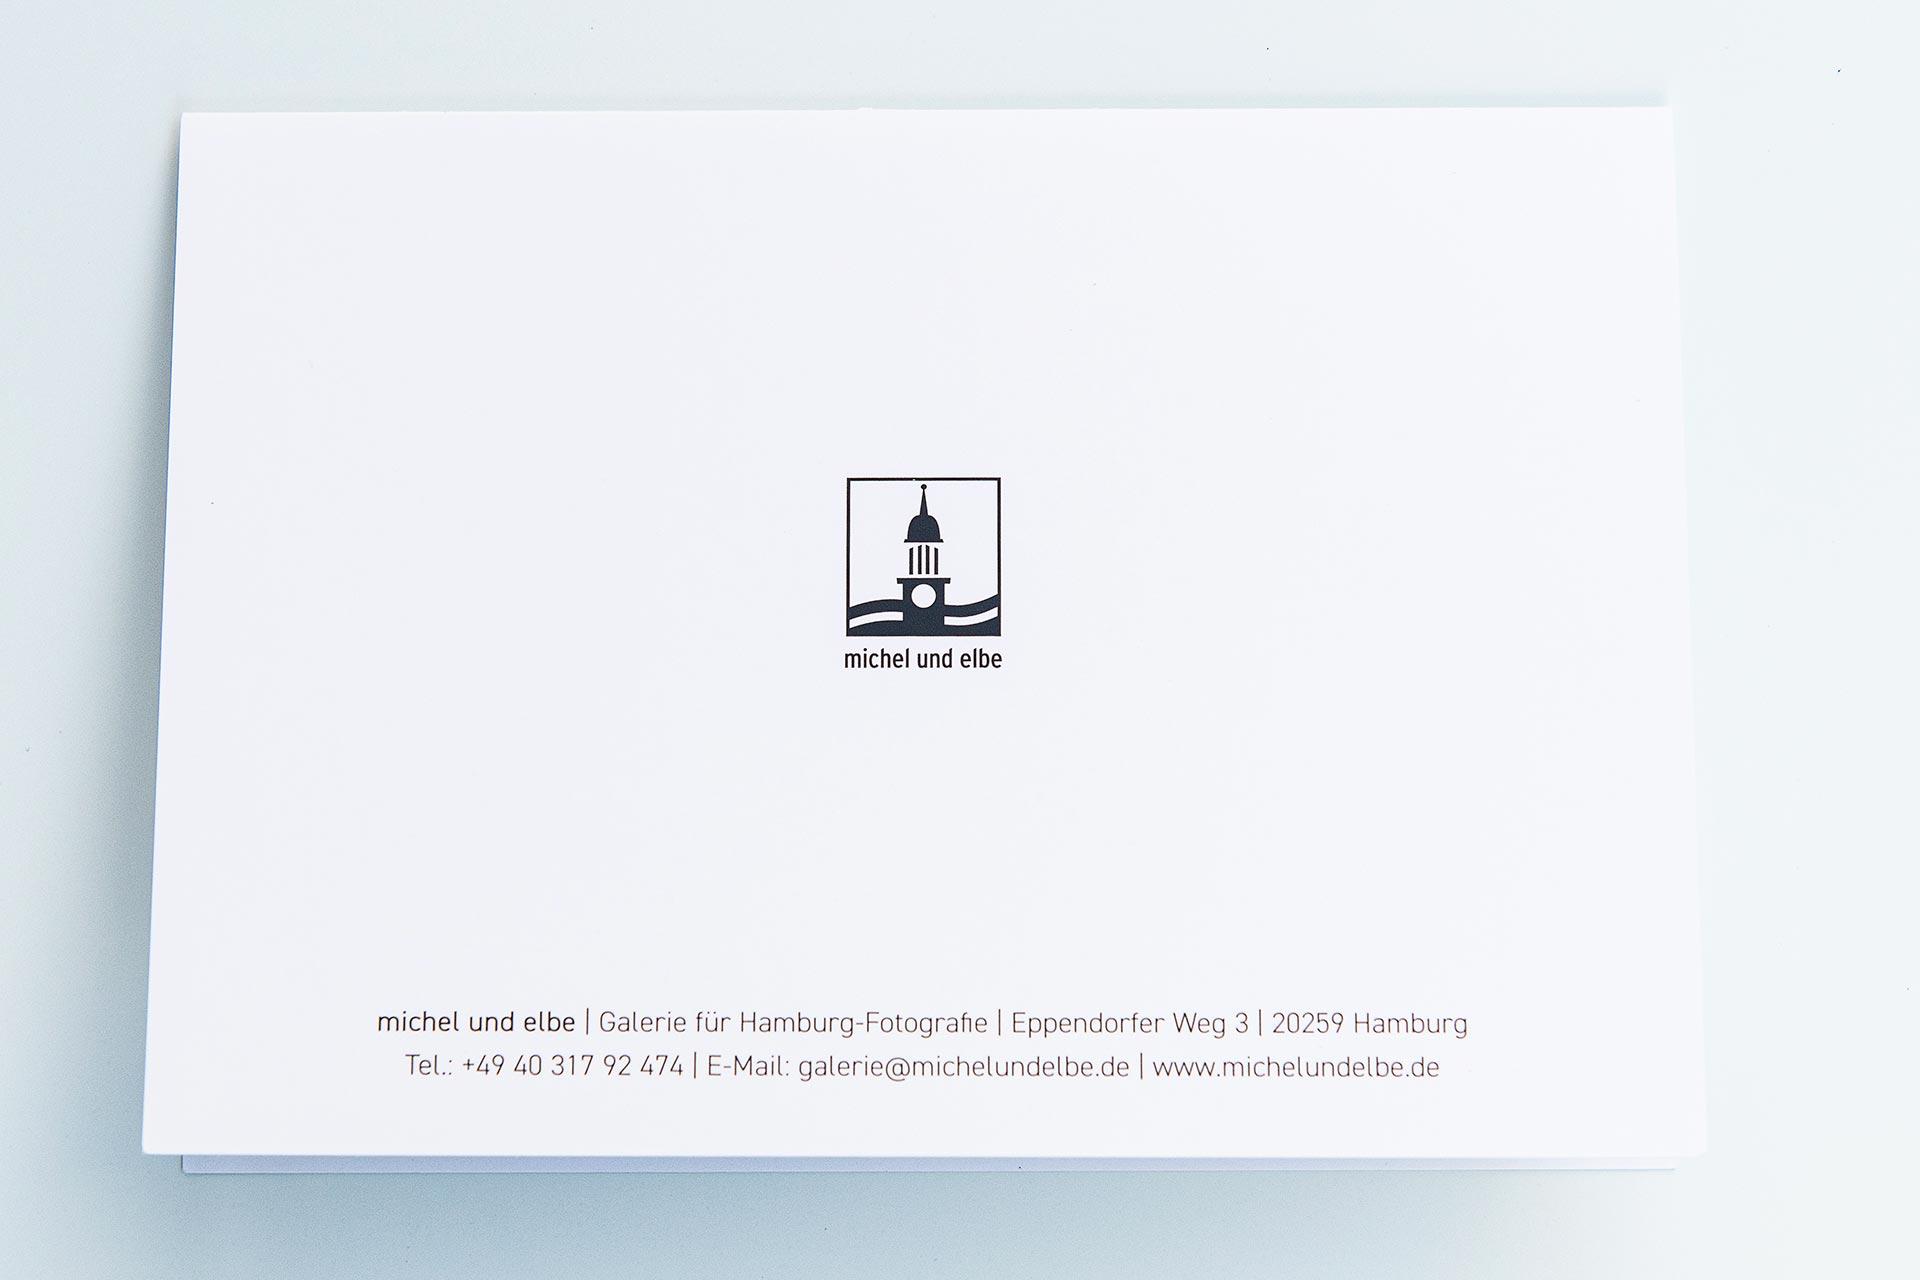 wk2020-klappkarte-weihnachtskarte-hamburg-michel-und-elbe-04